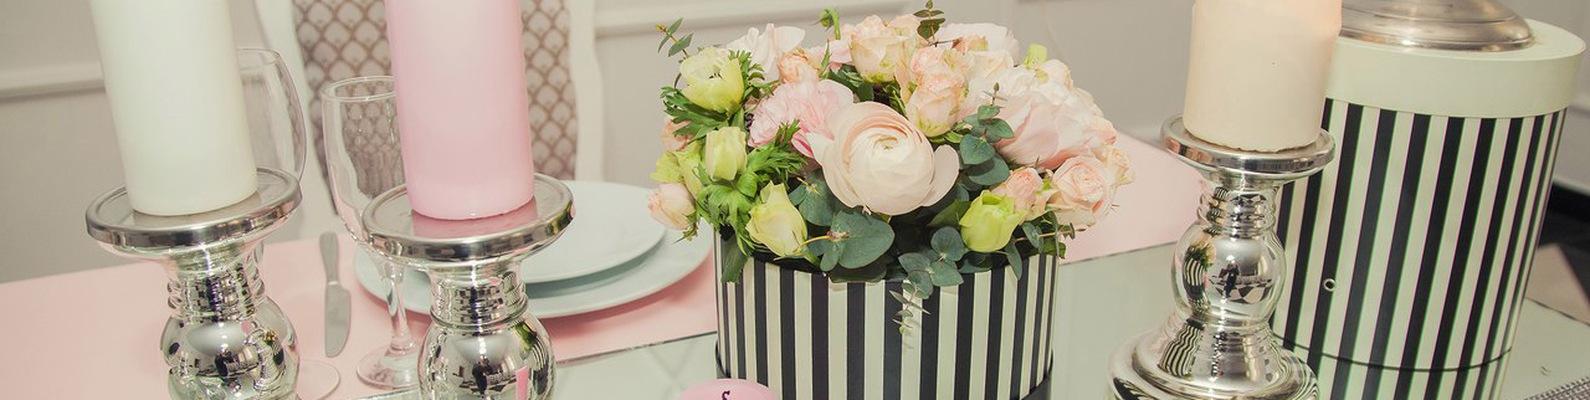 svadebnie-buketi-katalog-g-rogacheva-dostavka-tsvetov-v-biyske-botanika